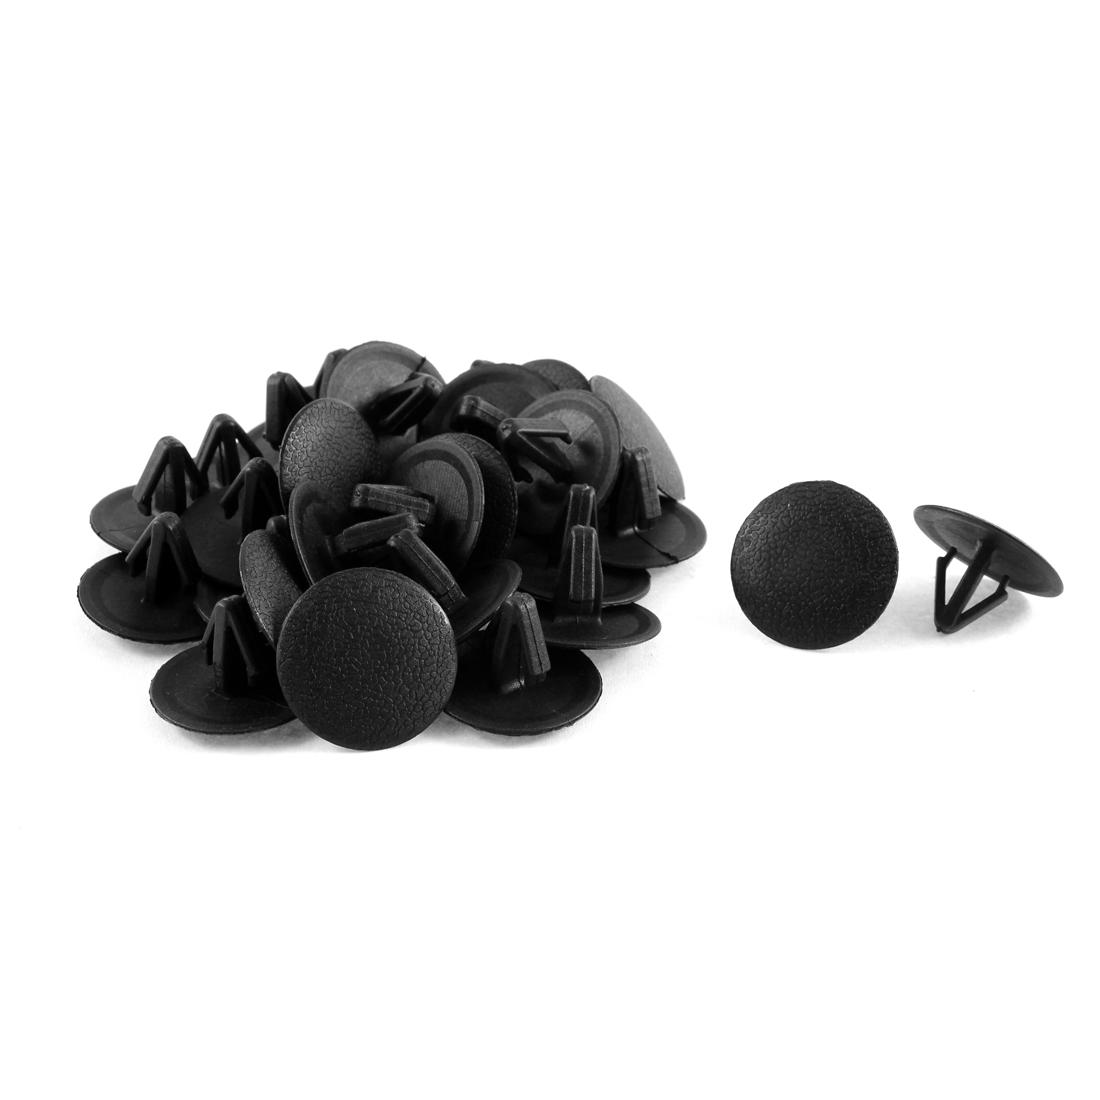 30 Pcs Black Plastic Splash Guard Fastener Rivet Clips 11mm x 13mm x 25mm